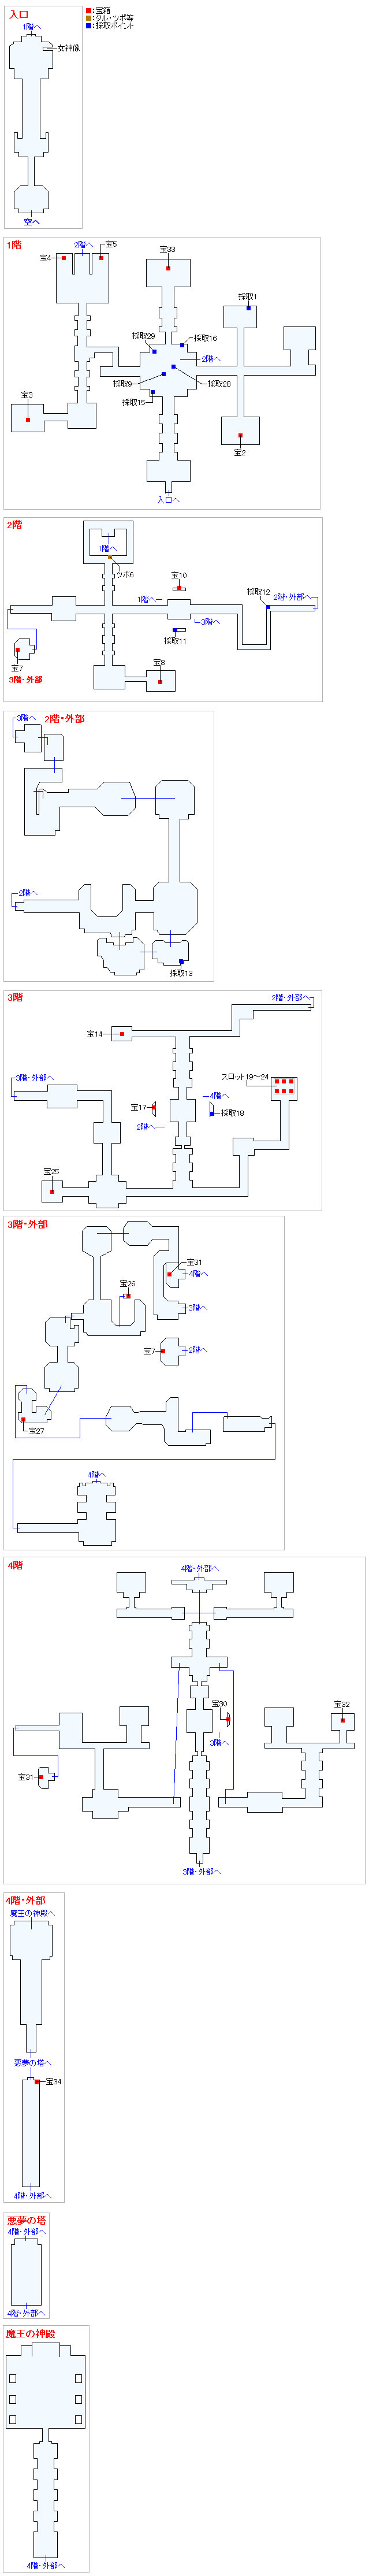 天空魔城(2Dモード)のマップ画像